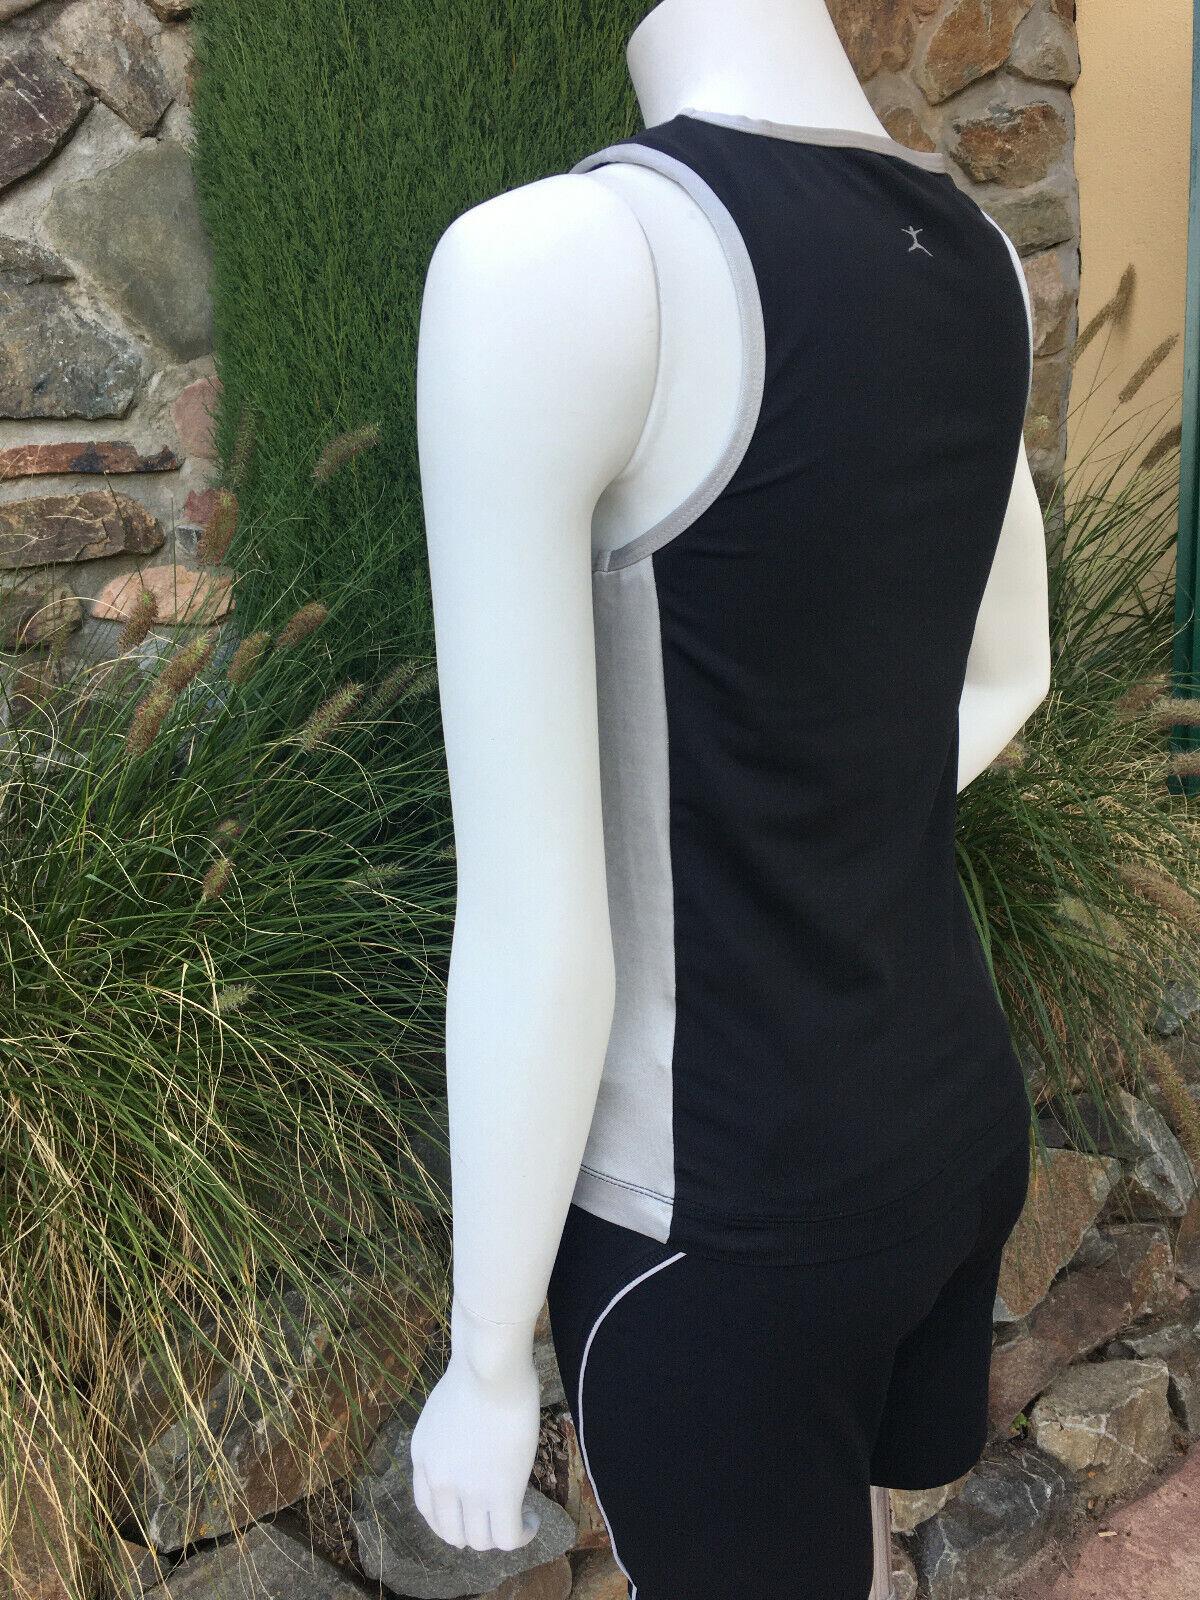 armelloses Sport Top schwarz silber mit BH Stützfunktion v. DANSKIN in Gr. S - M